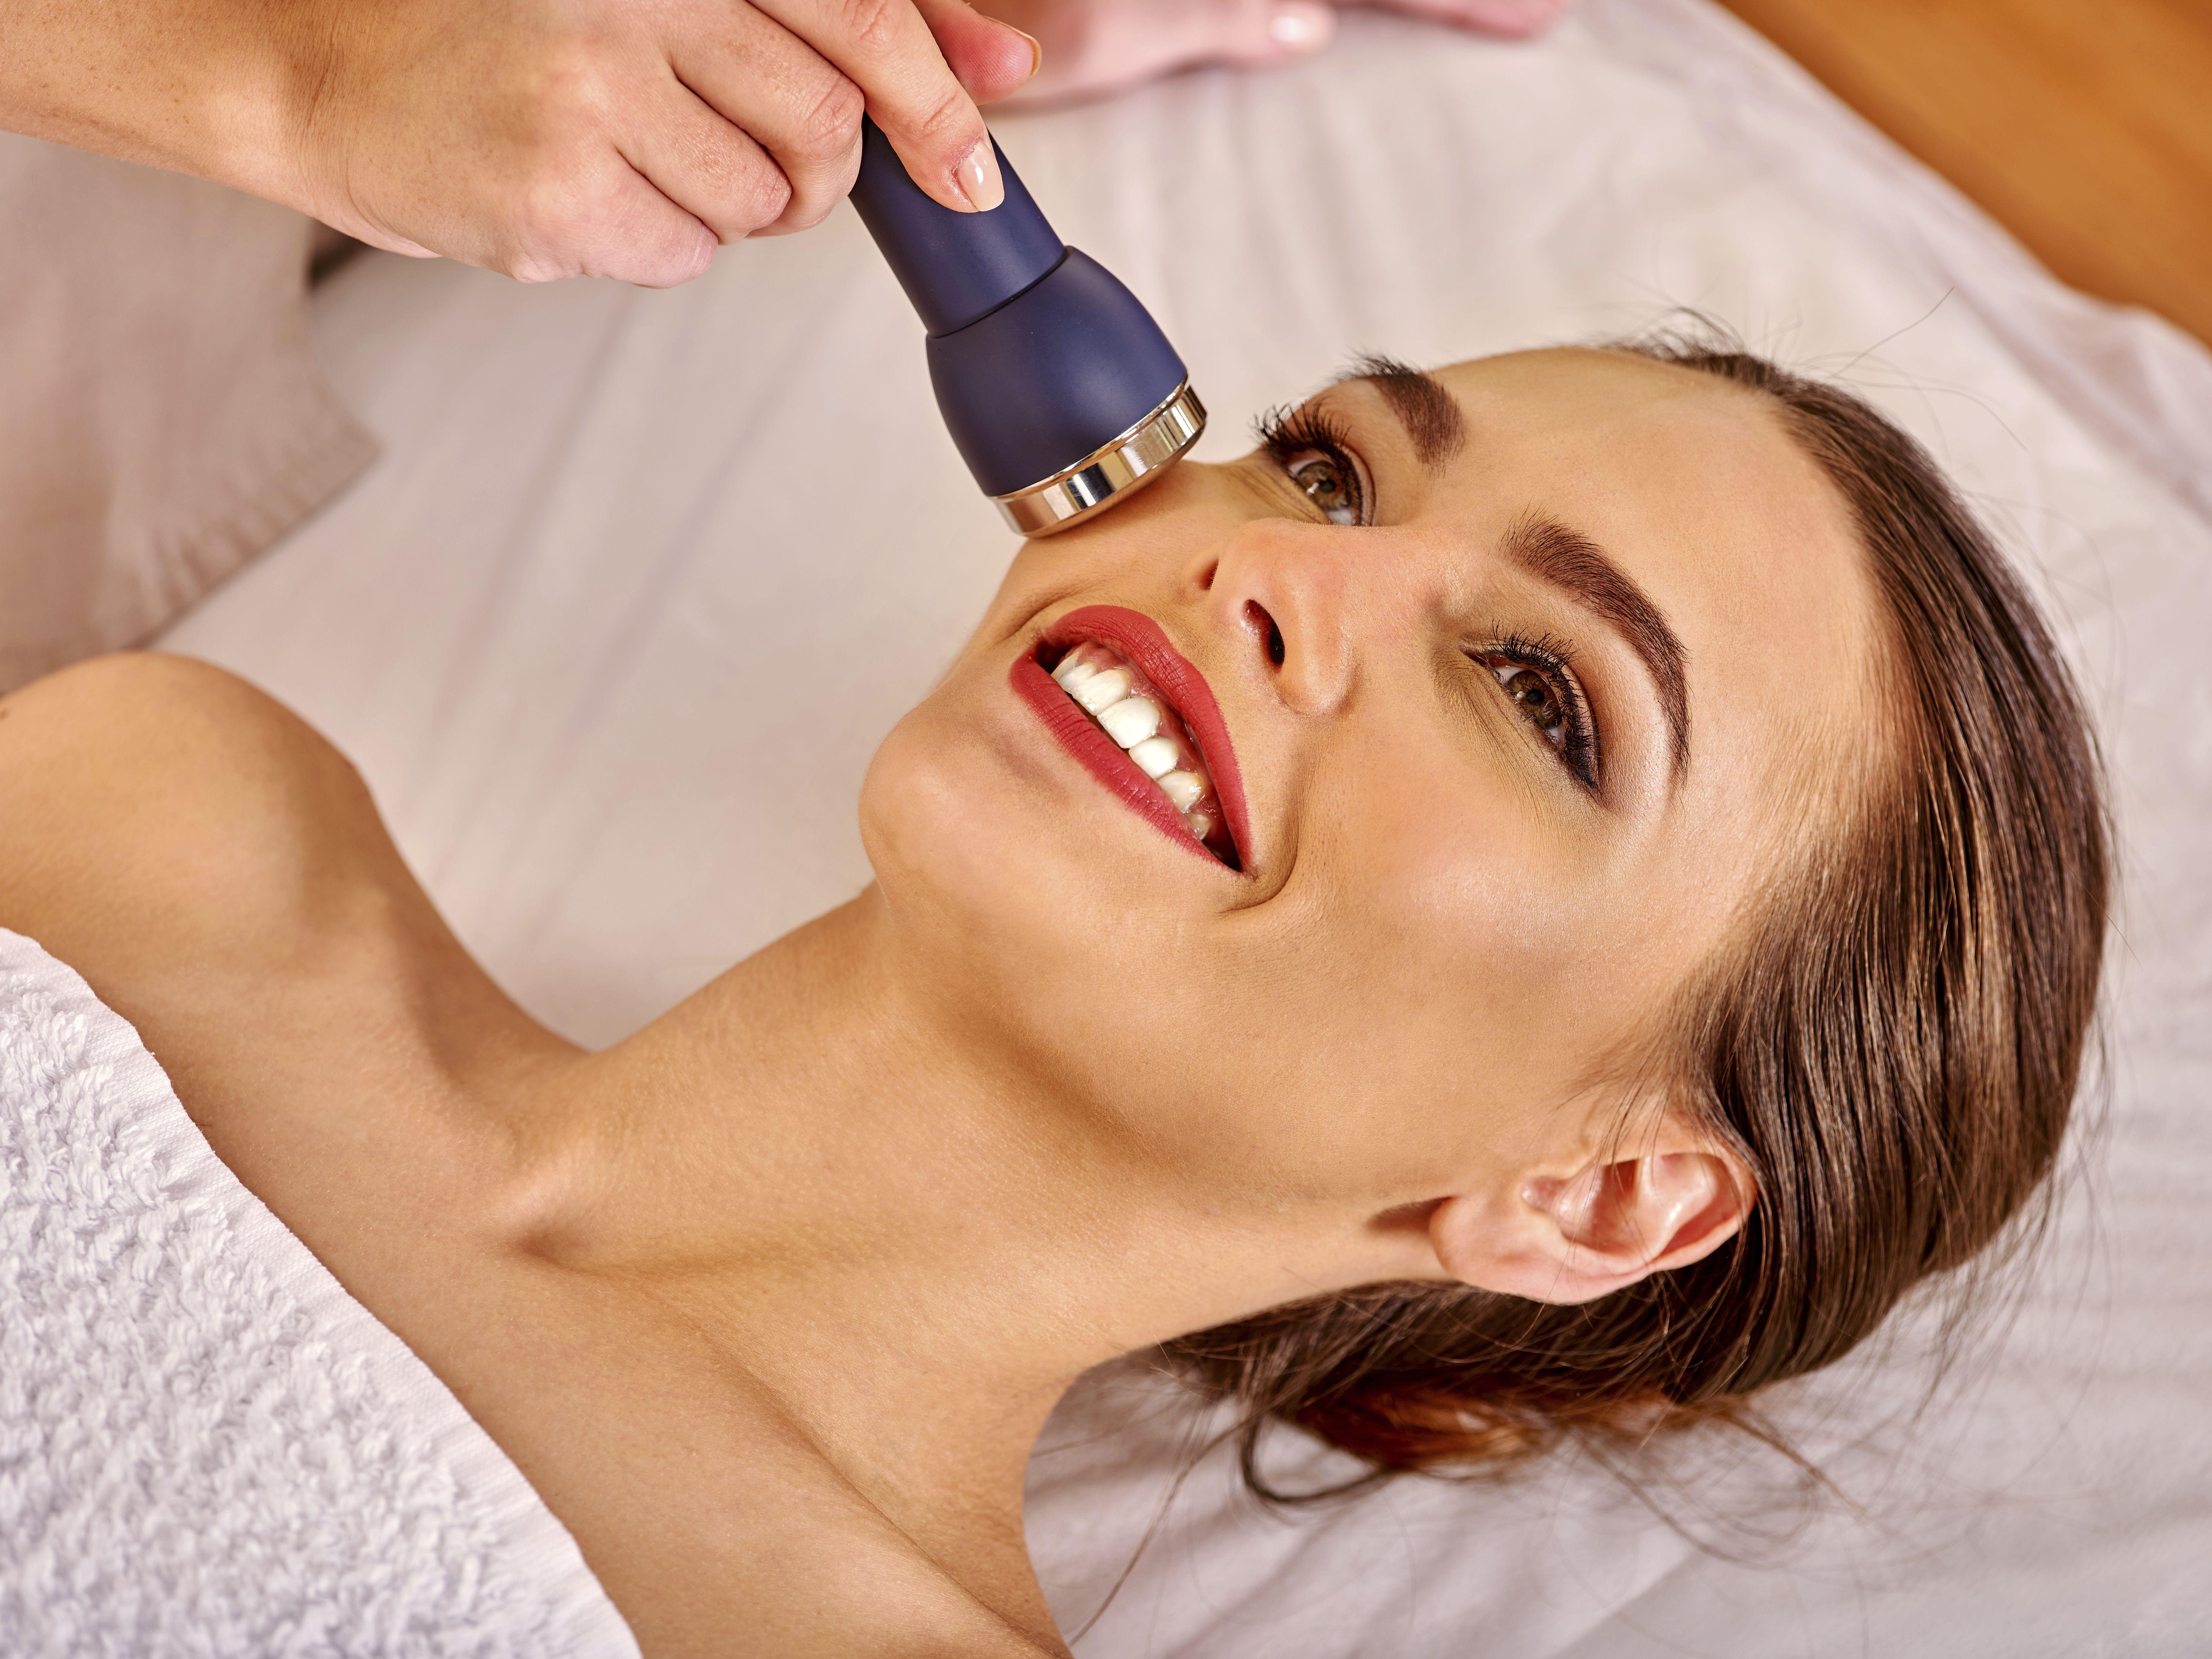 Radiofrecuencia facial: Peluquería y estética de Beauty Center Avenue